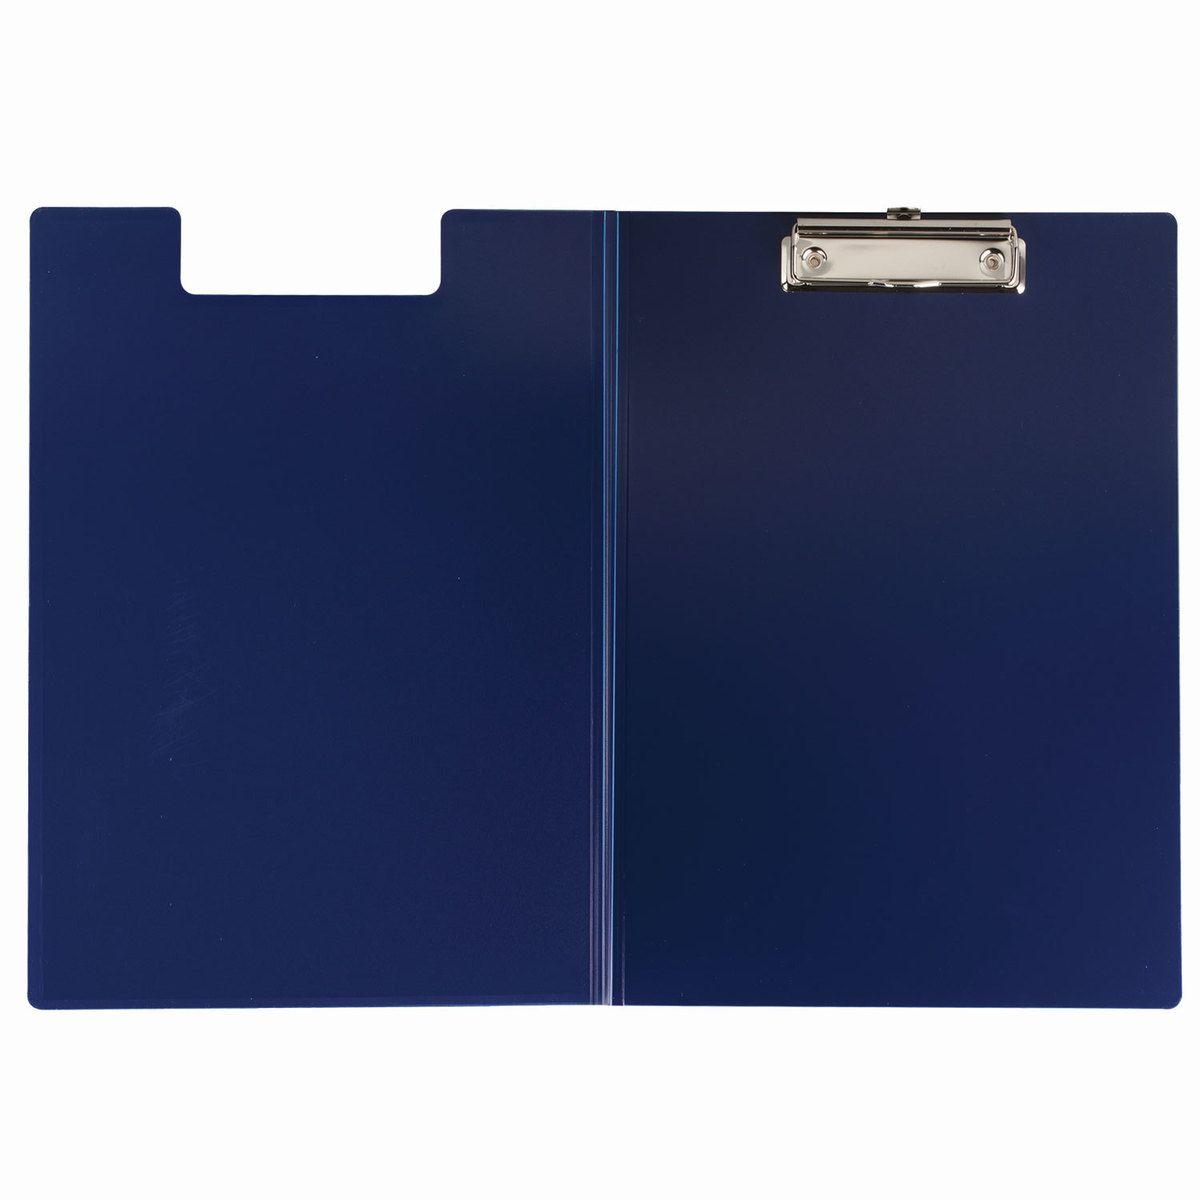 Brauberg Папка с зажимами формат А4 цвет синий223488Папка-планшет Brauberg с верхним металлическим зажимом и крышкой изготовлена из прочного пластика. Используется для работы с бумагами в дороге, удобна для письма на весу. Формат А4.